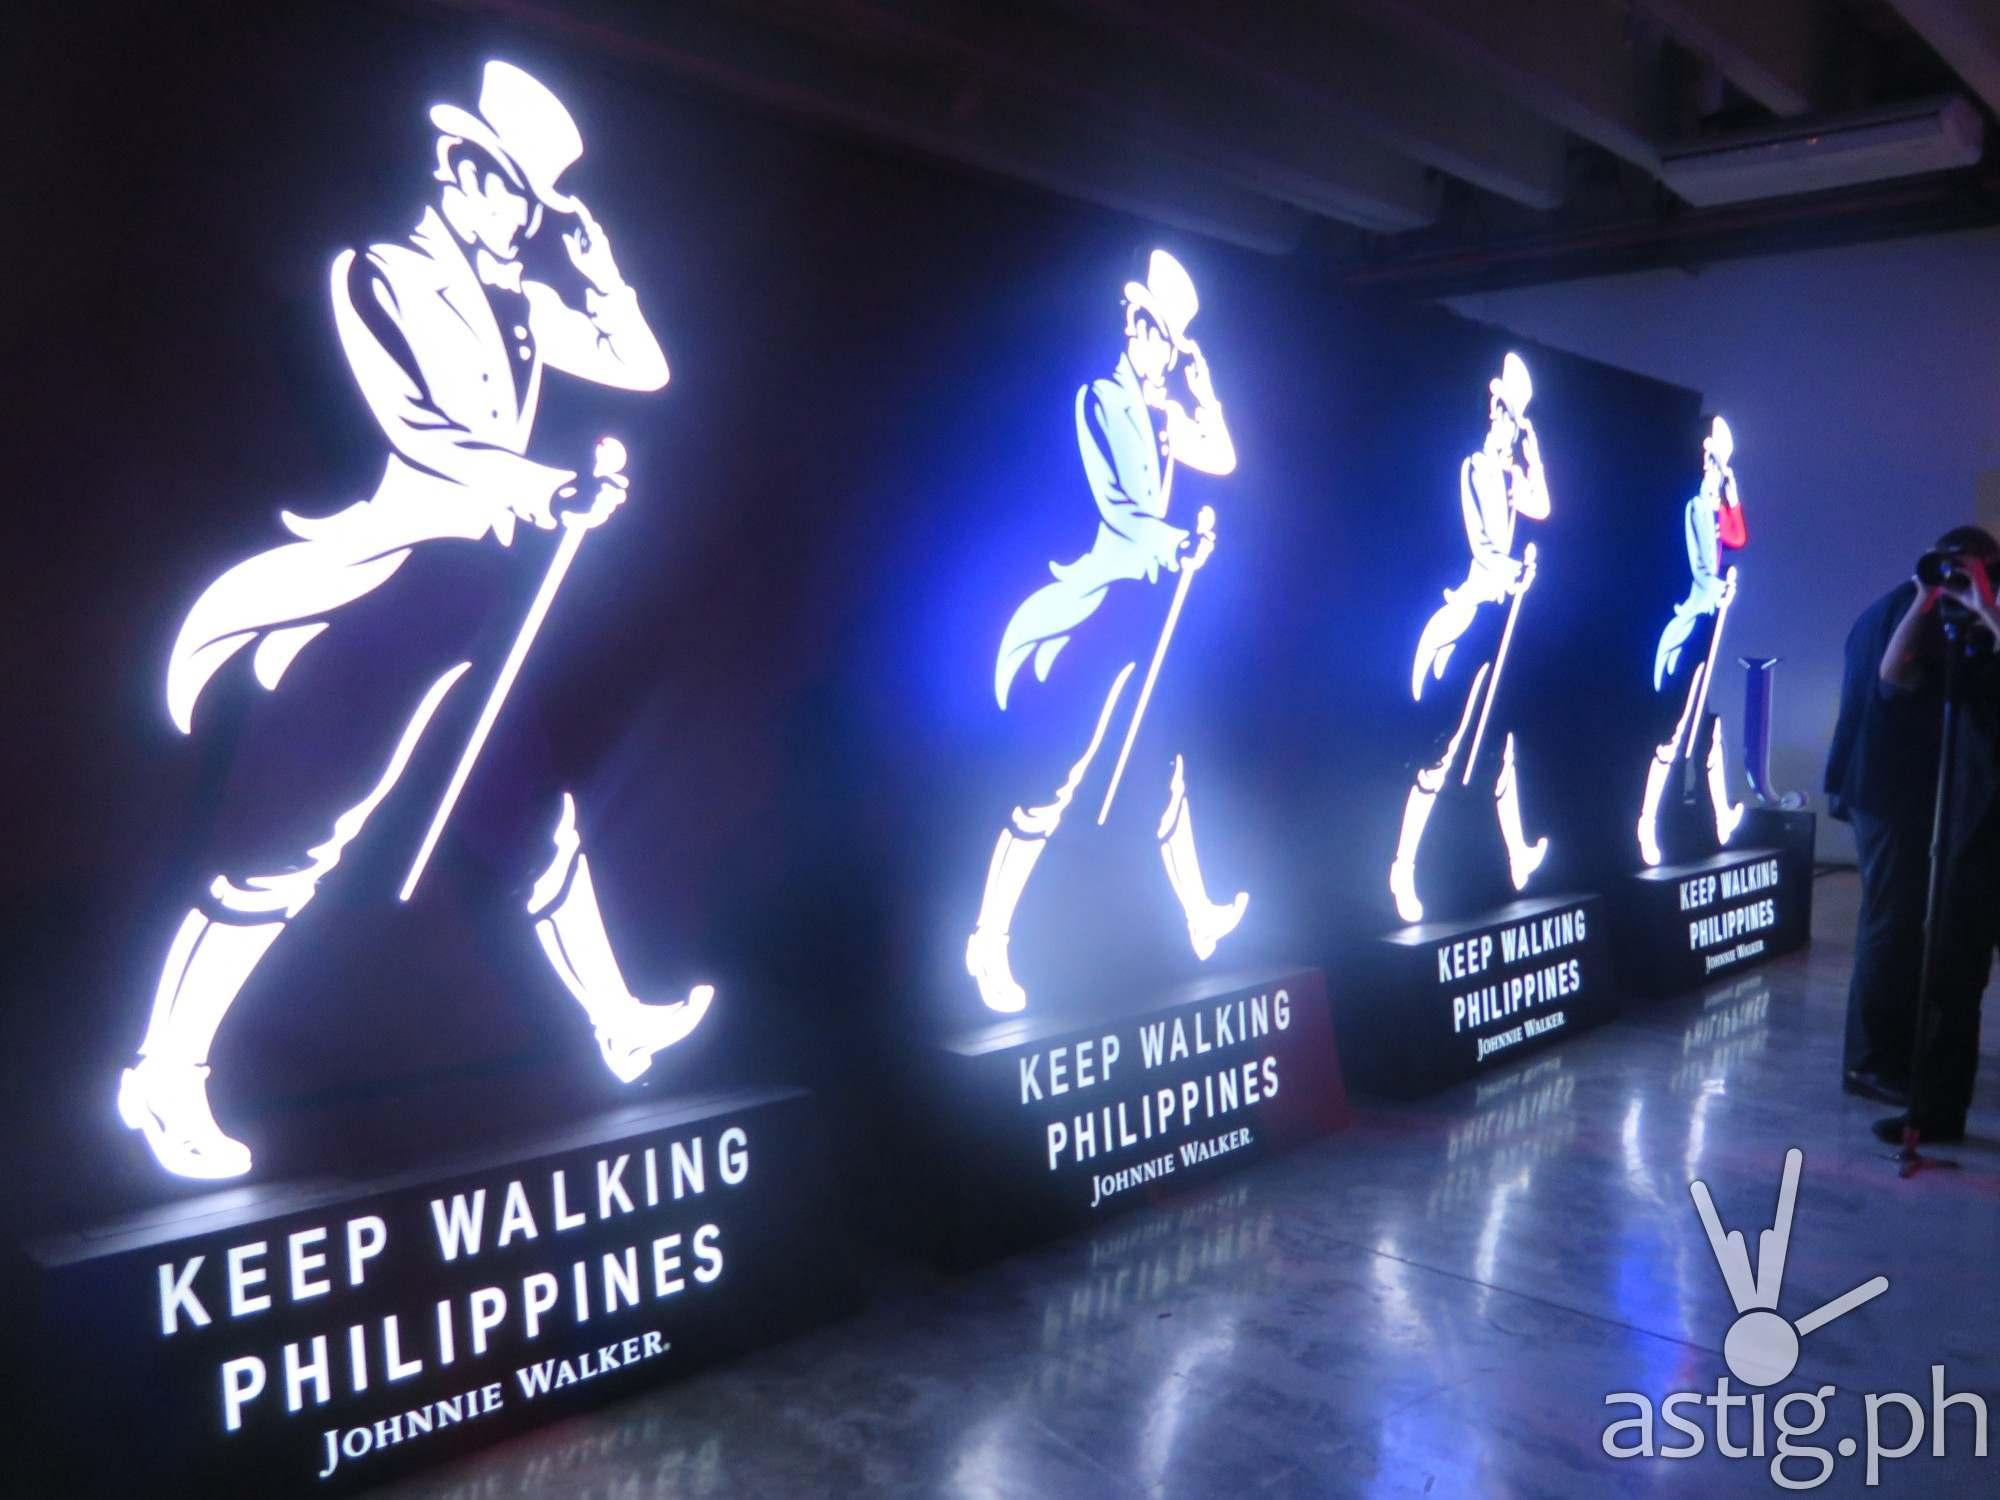 Walker in philippines